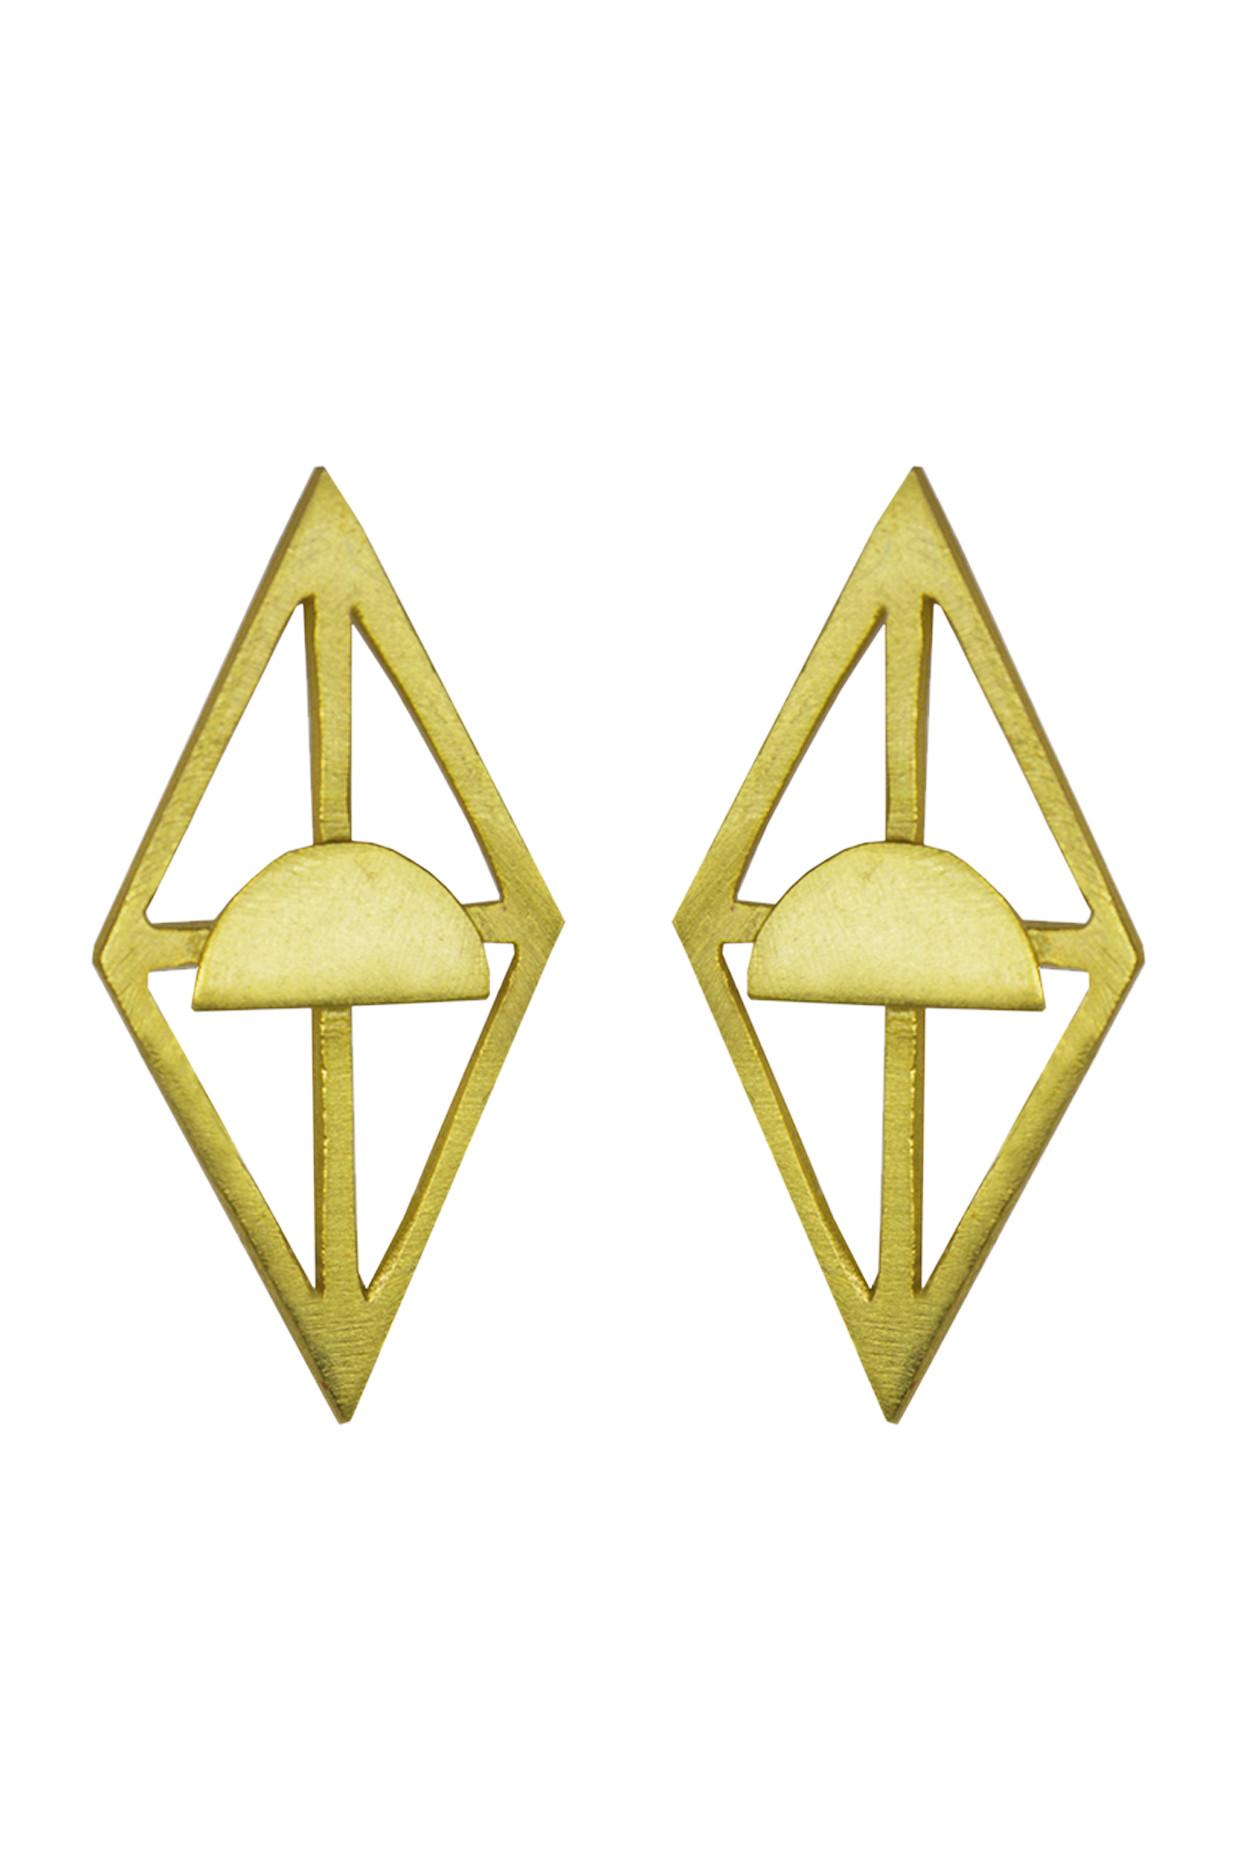 Handcrafted Rhombus Brass Earrings In Gold by Toorya